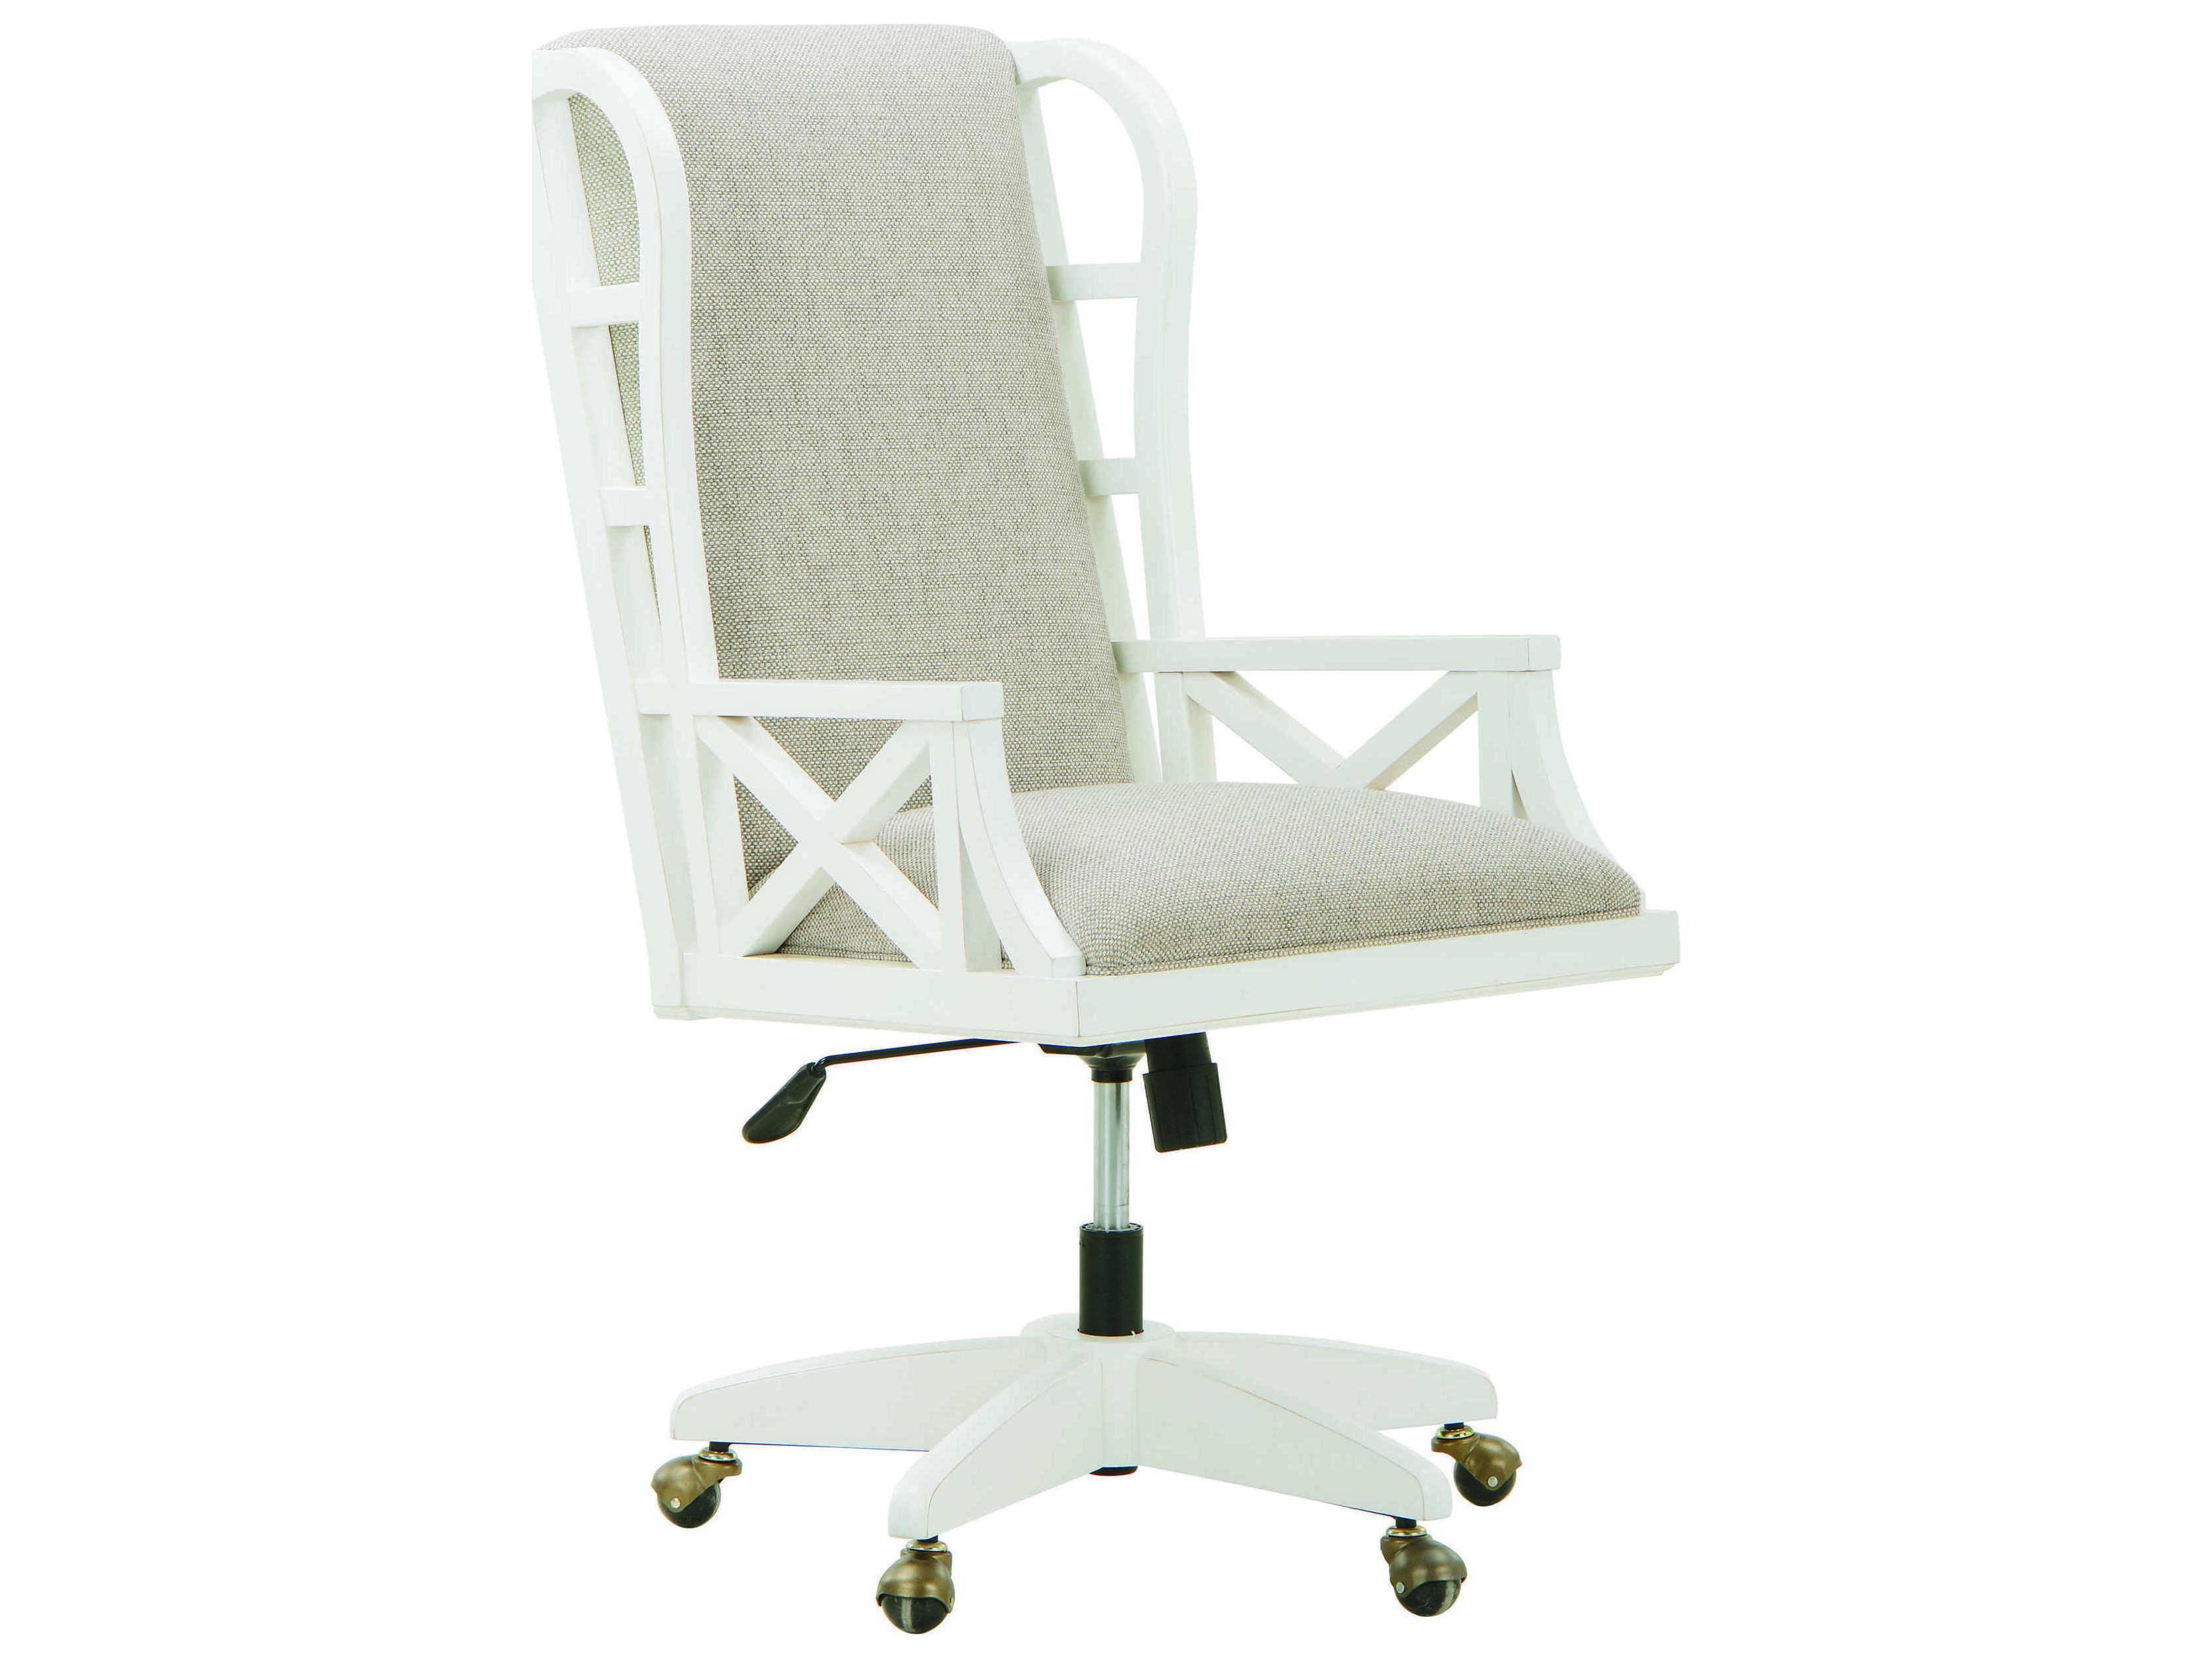 A.R.T. Furniture Summer Creek Harbor White Executive Chair